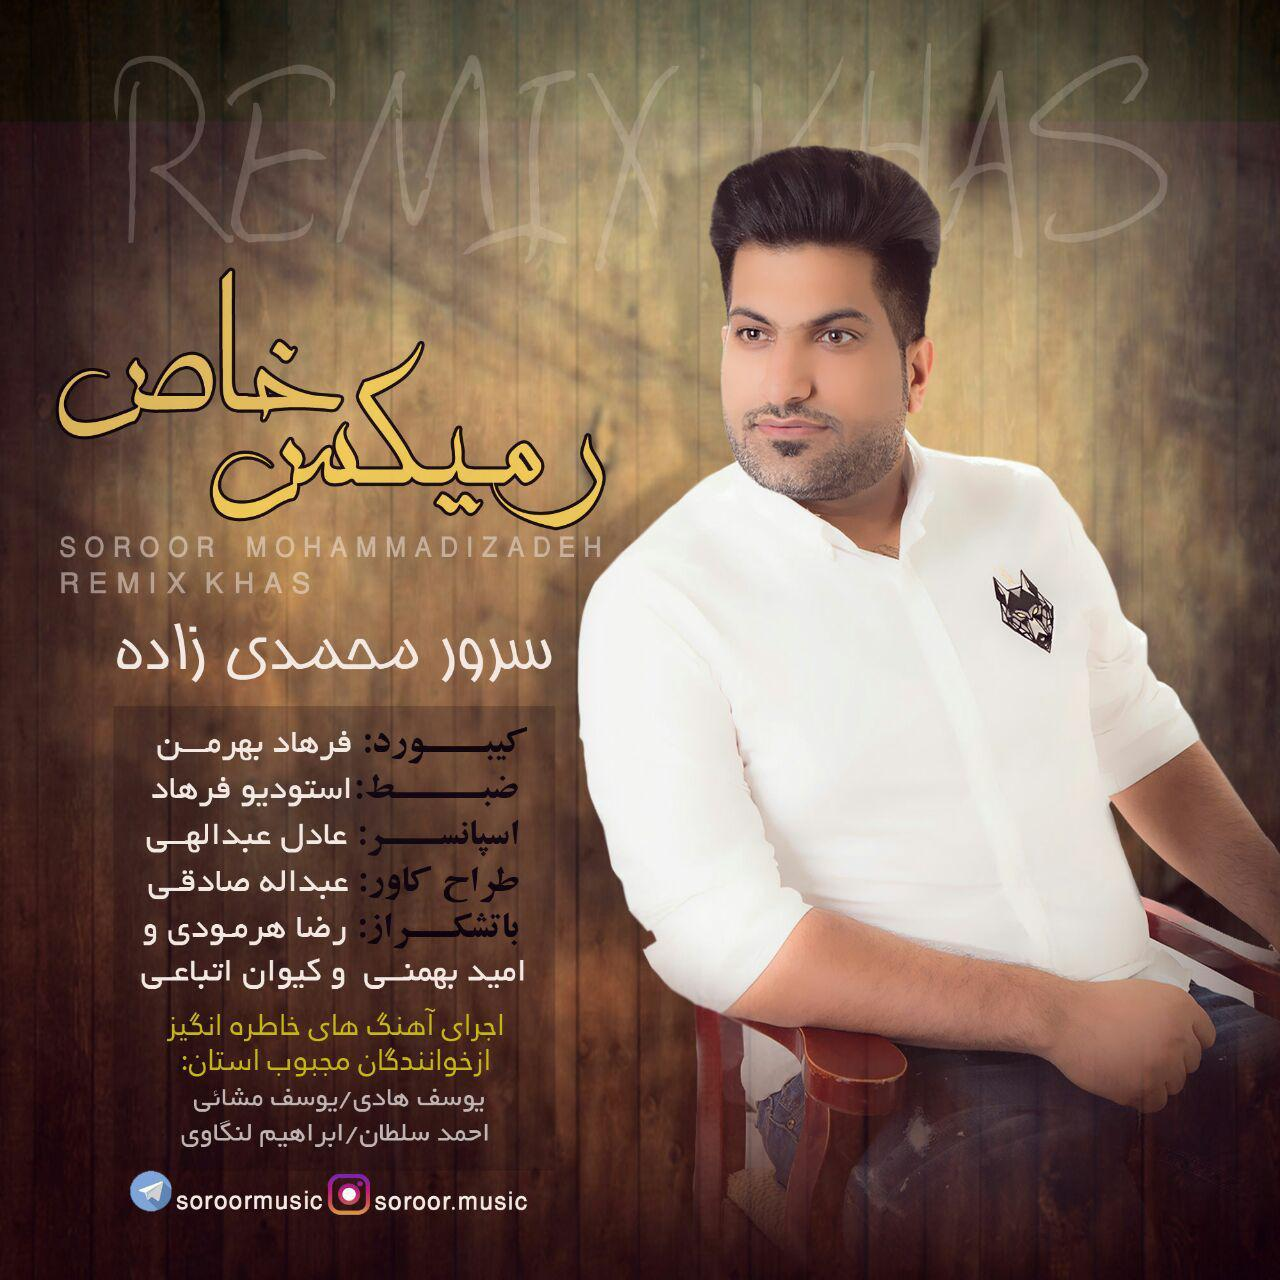 سرور محمدی زاده آهنگ جدید و بسیار زیبا و شنیدنی بنام ریمکس خاص